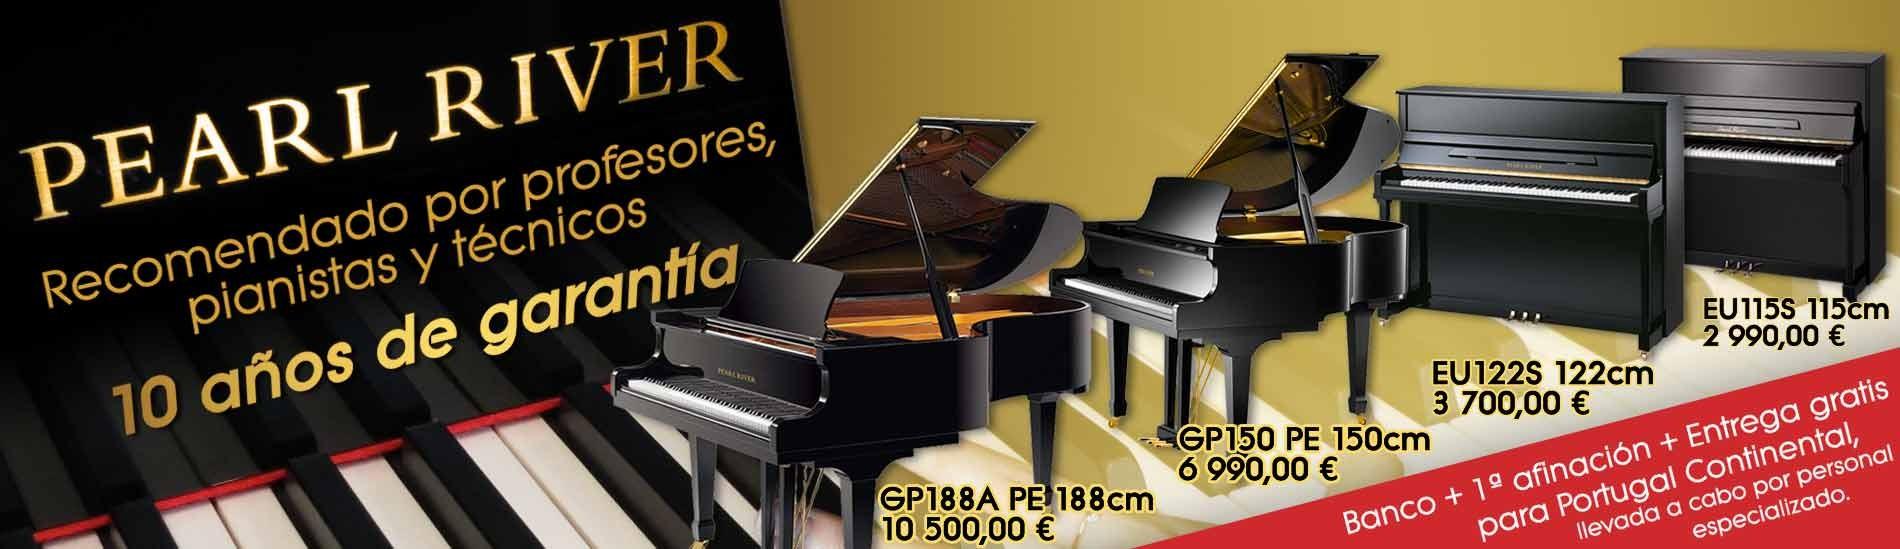 Pianos Pearl River - Recomendados por profesores, pianistas y técnicos!